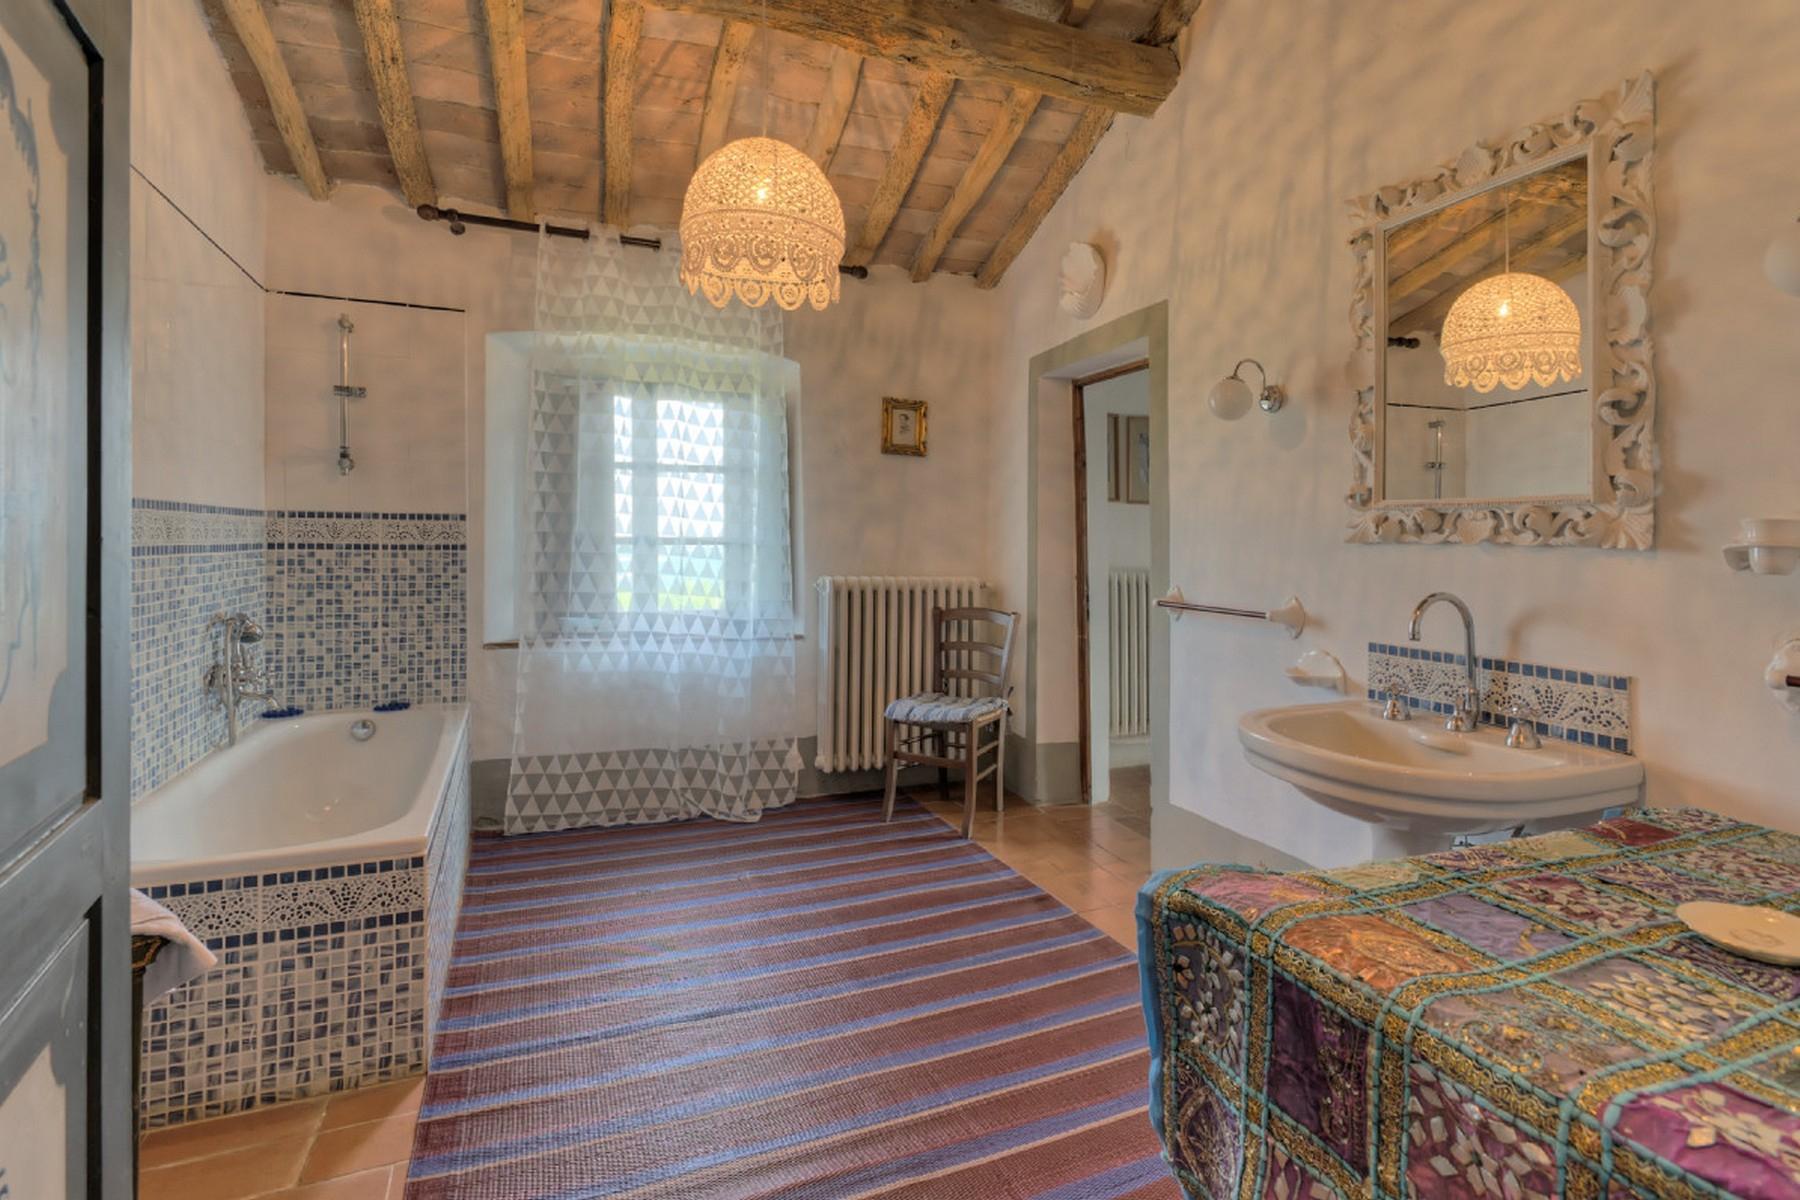 State-of-the-art rustic villa set in Florentine Chianti - 15